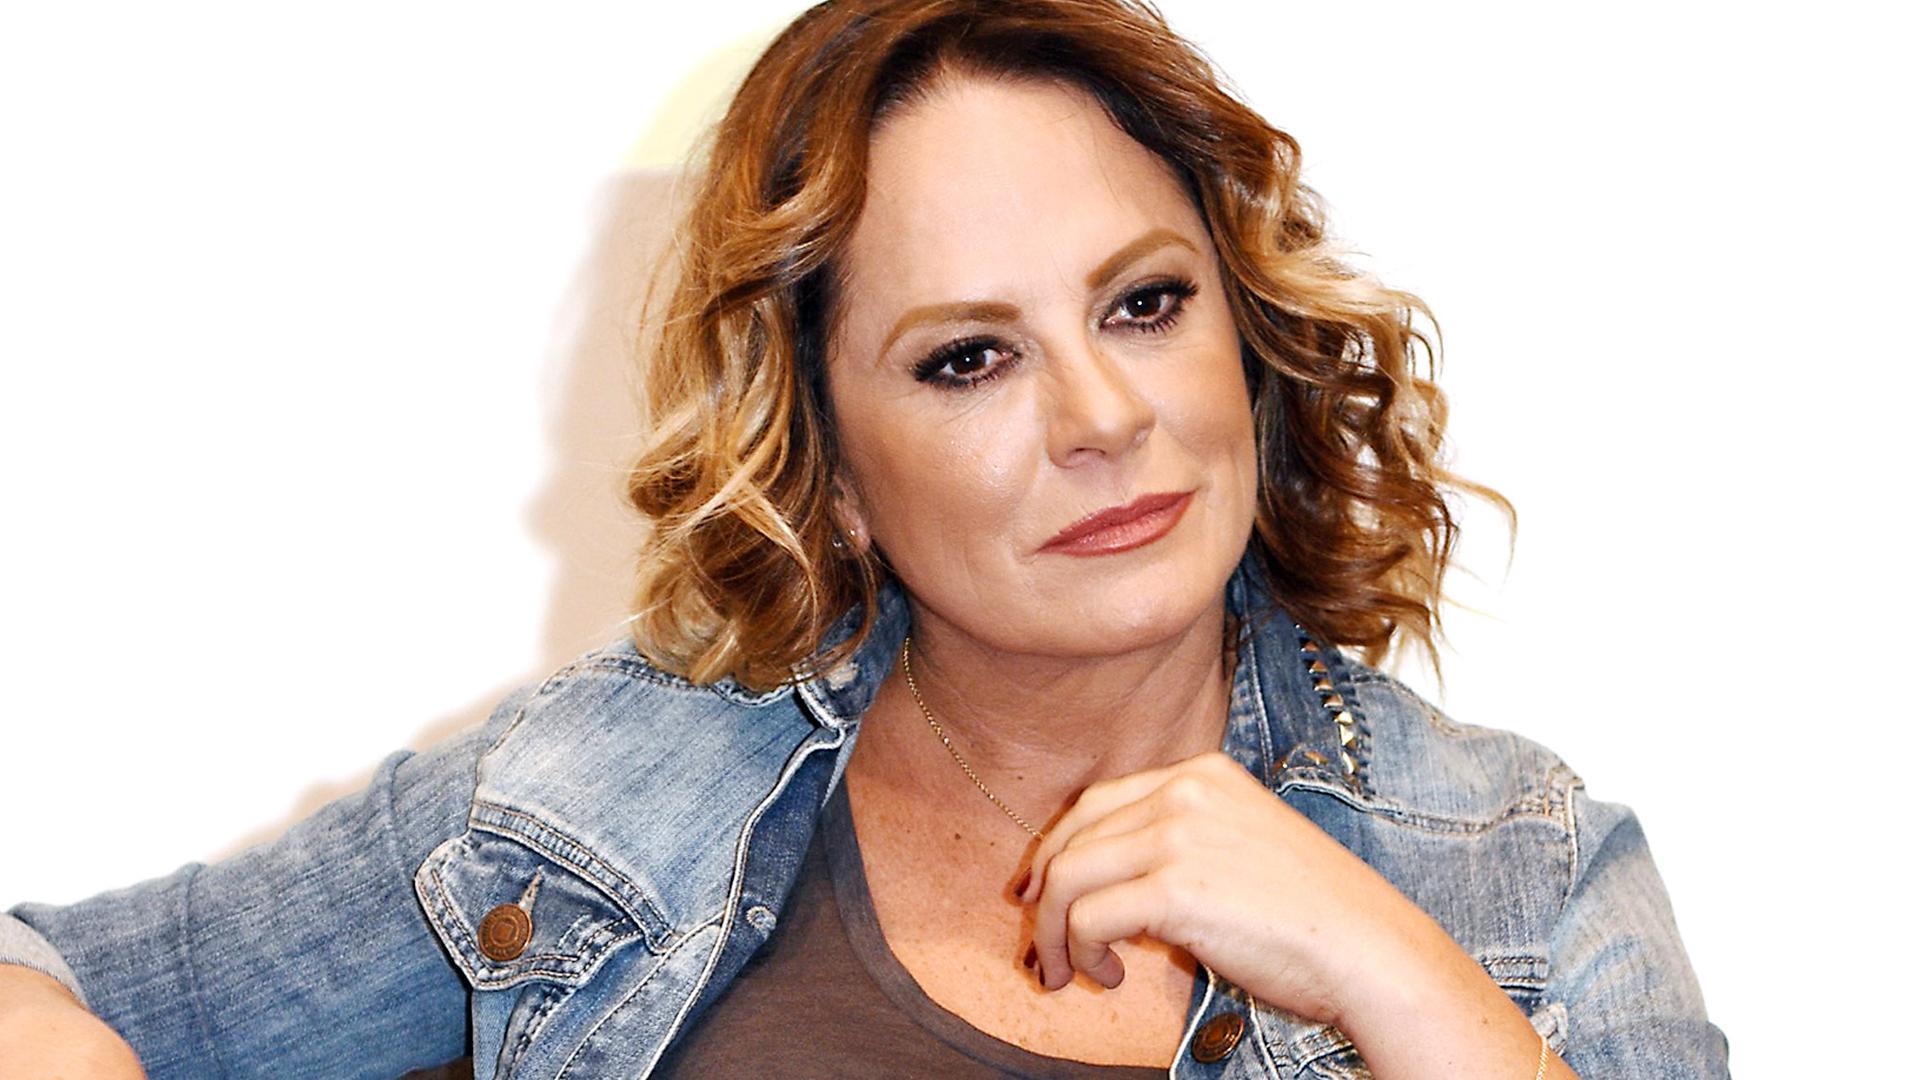 Roxana castellano desnuda ass images 26